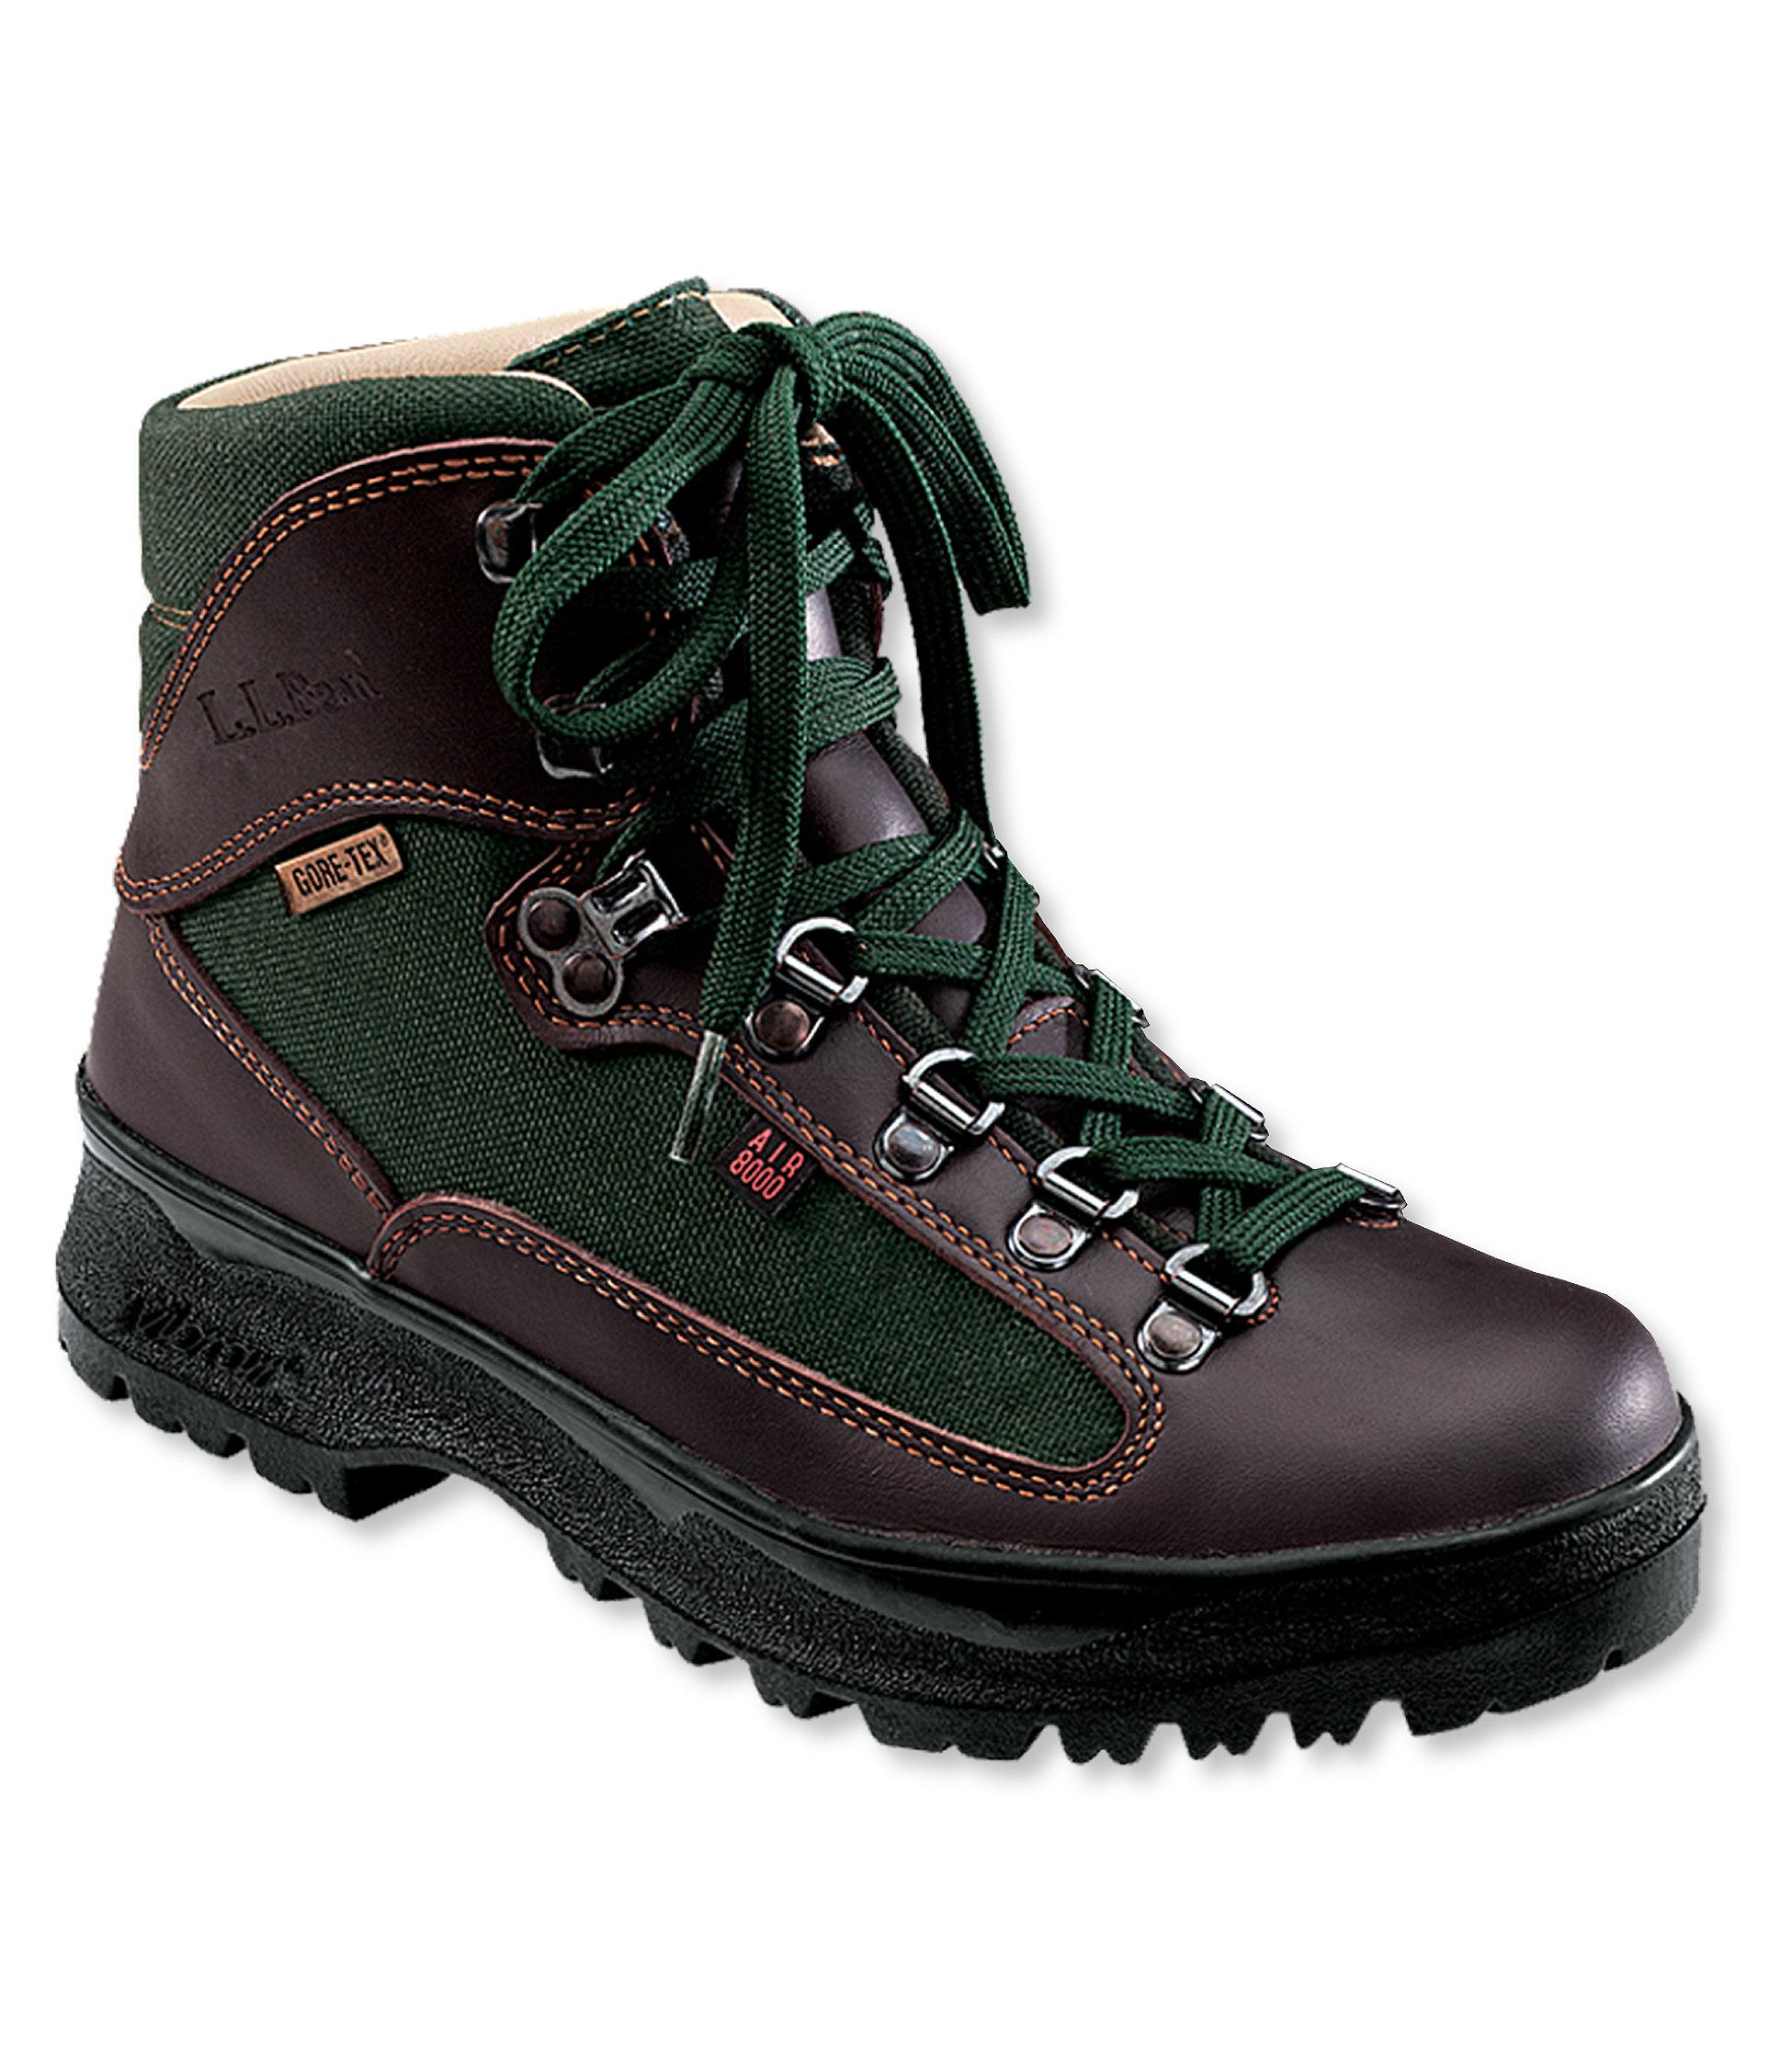 L.L.Bean Gore-Tex Cresta Hiker, Leather/Fabric